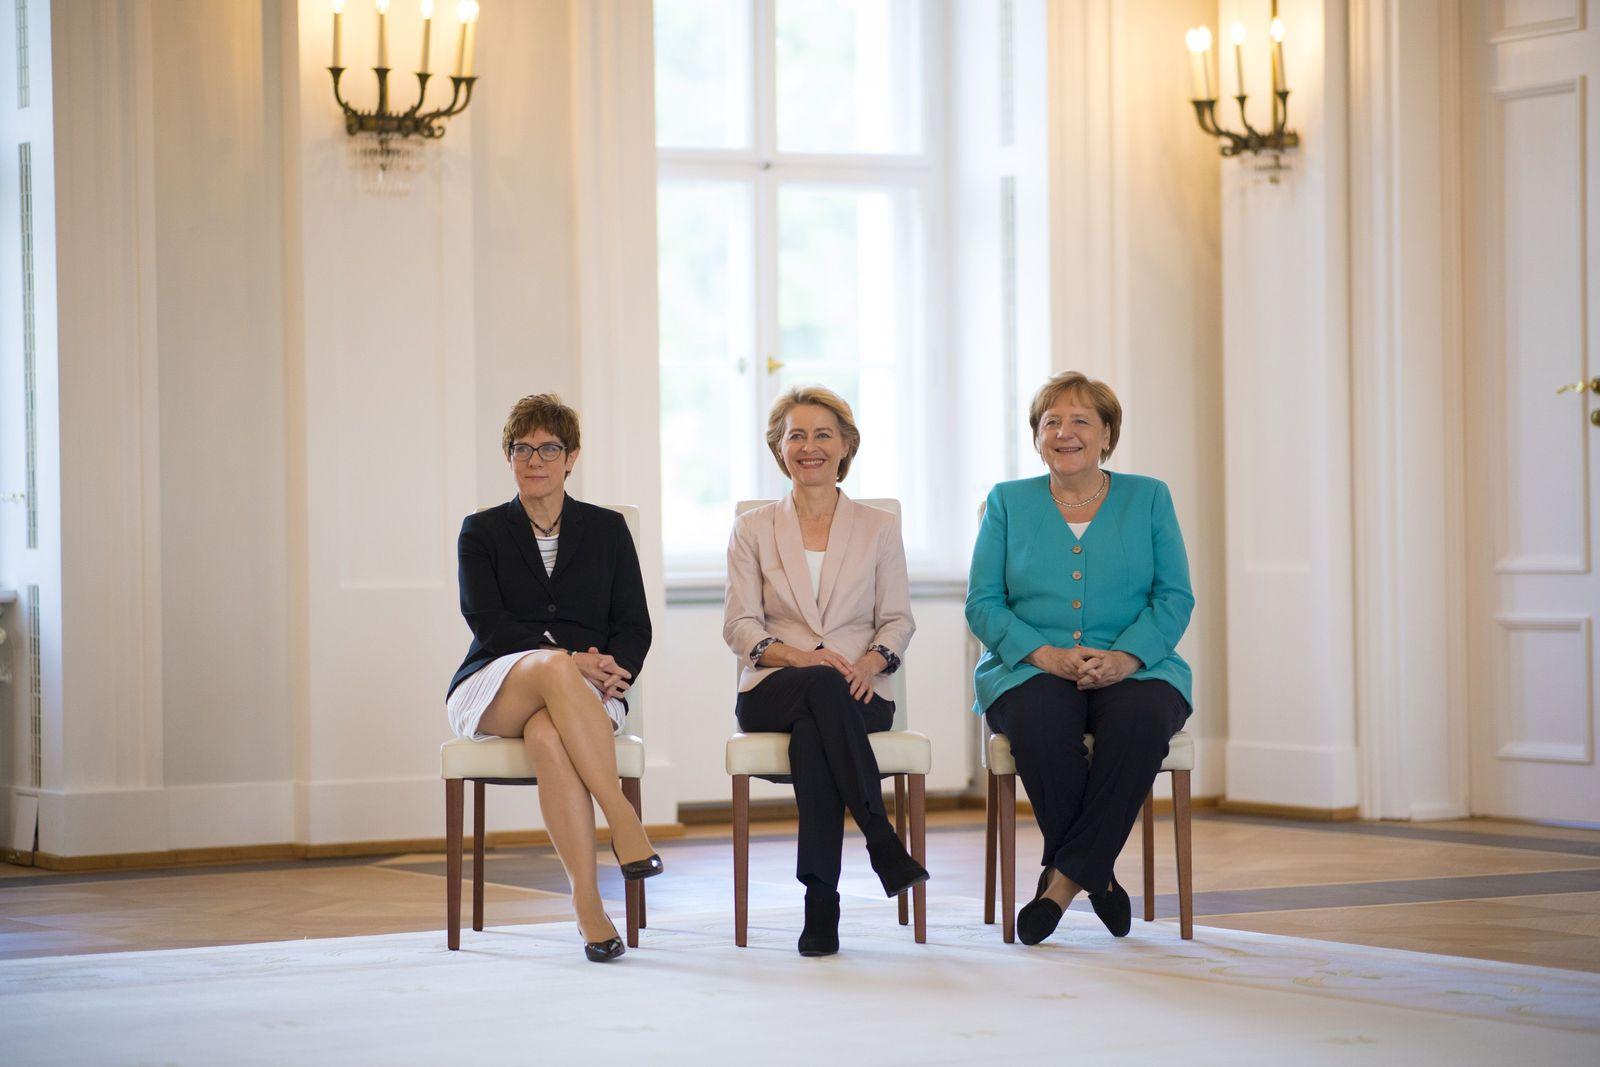 EINMALIGE VERWENDUNG PLUS DER SPIEGEL 30/2019 S. 6 Leitartikel Merkel von der Leyen Kramp-Karrenbauer